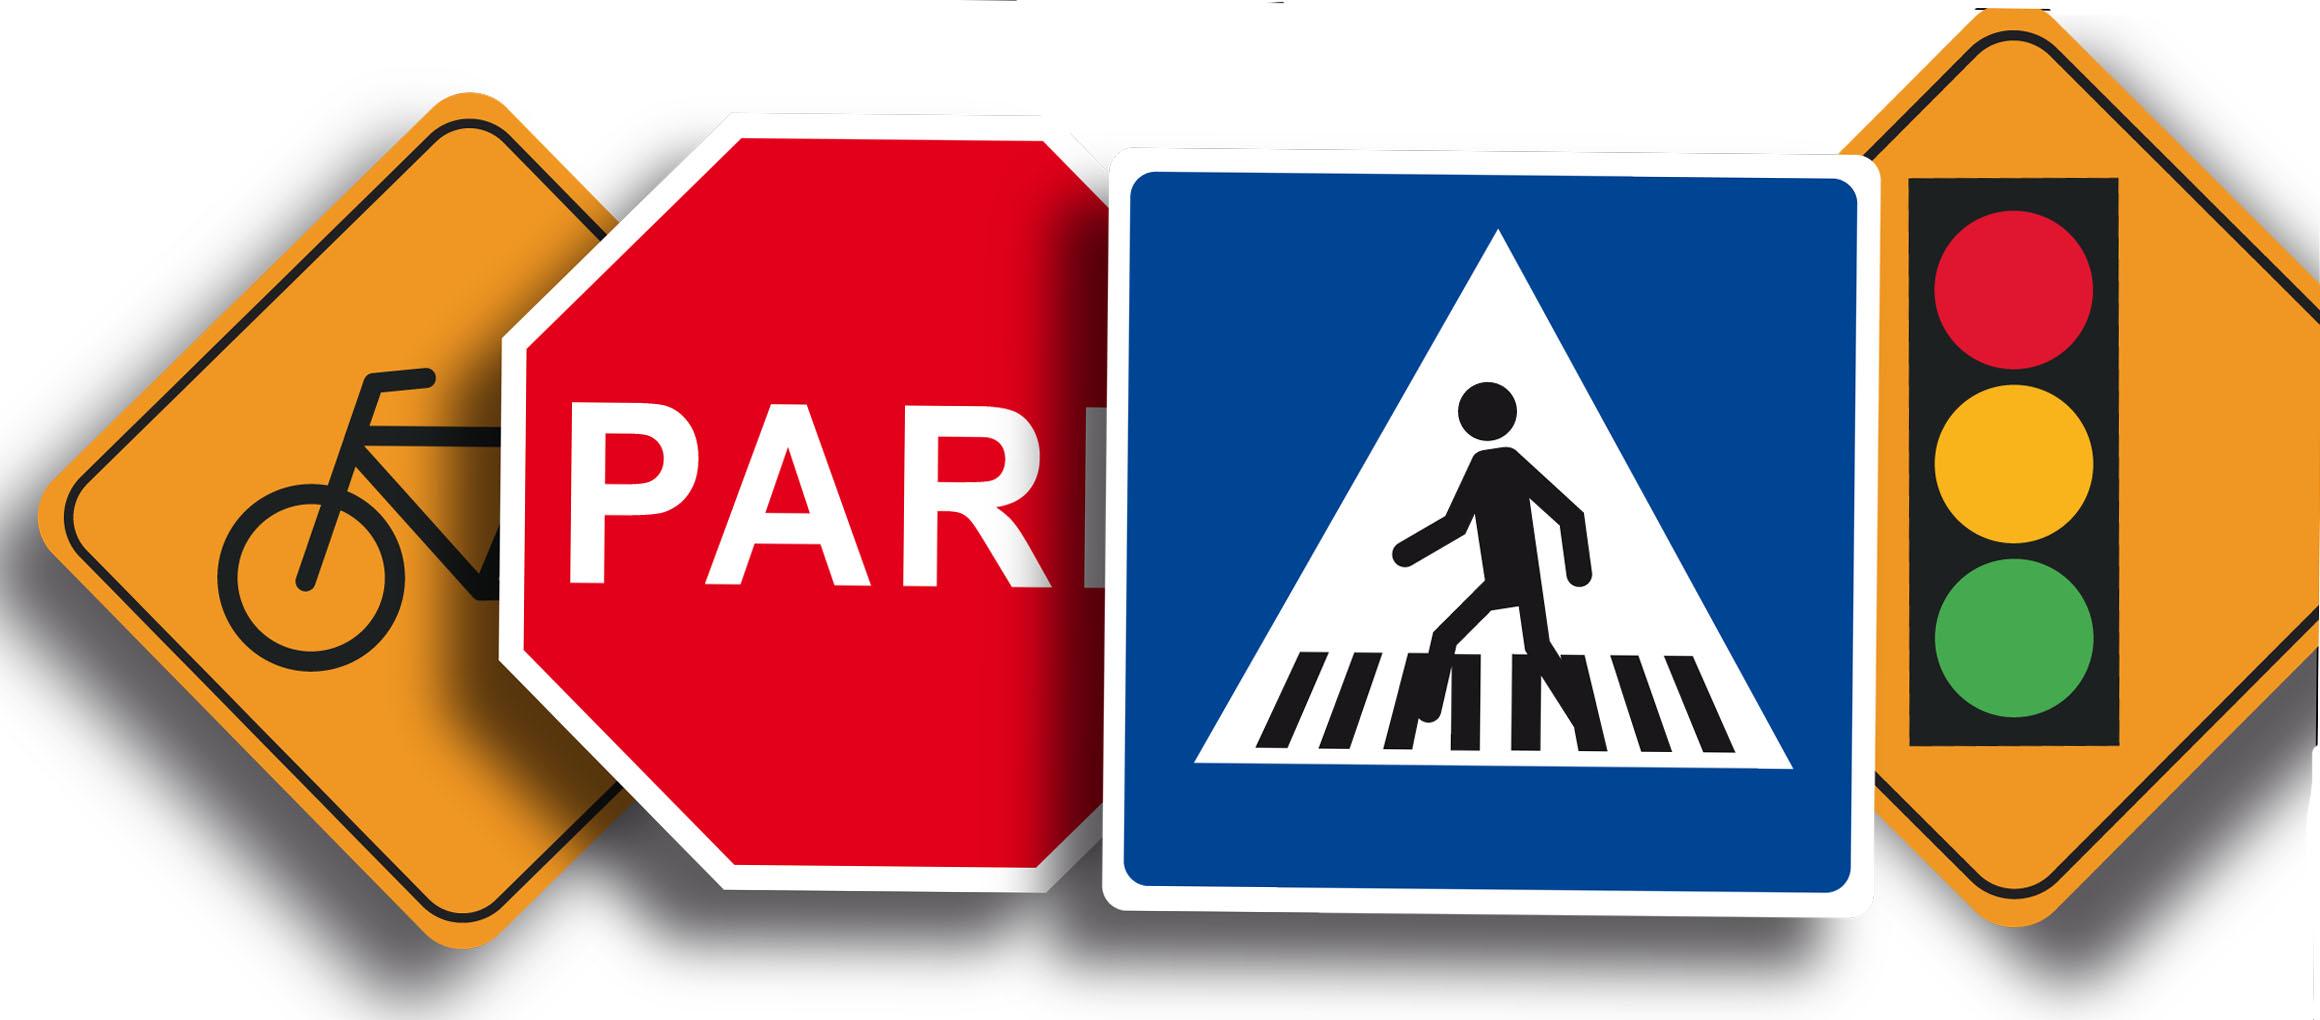 La Oficina de Medidas Alternativas comenzó el dictado de cursos de responsabilidad vial